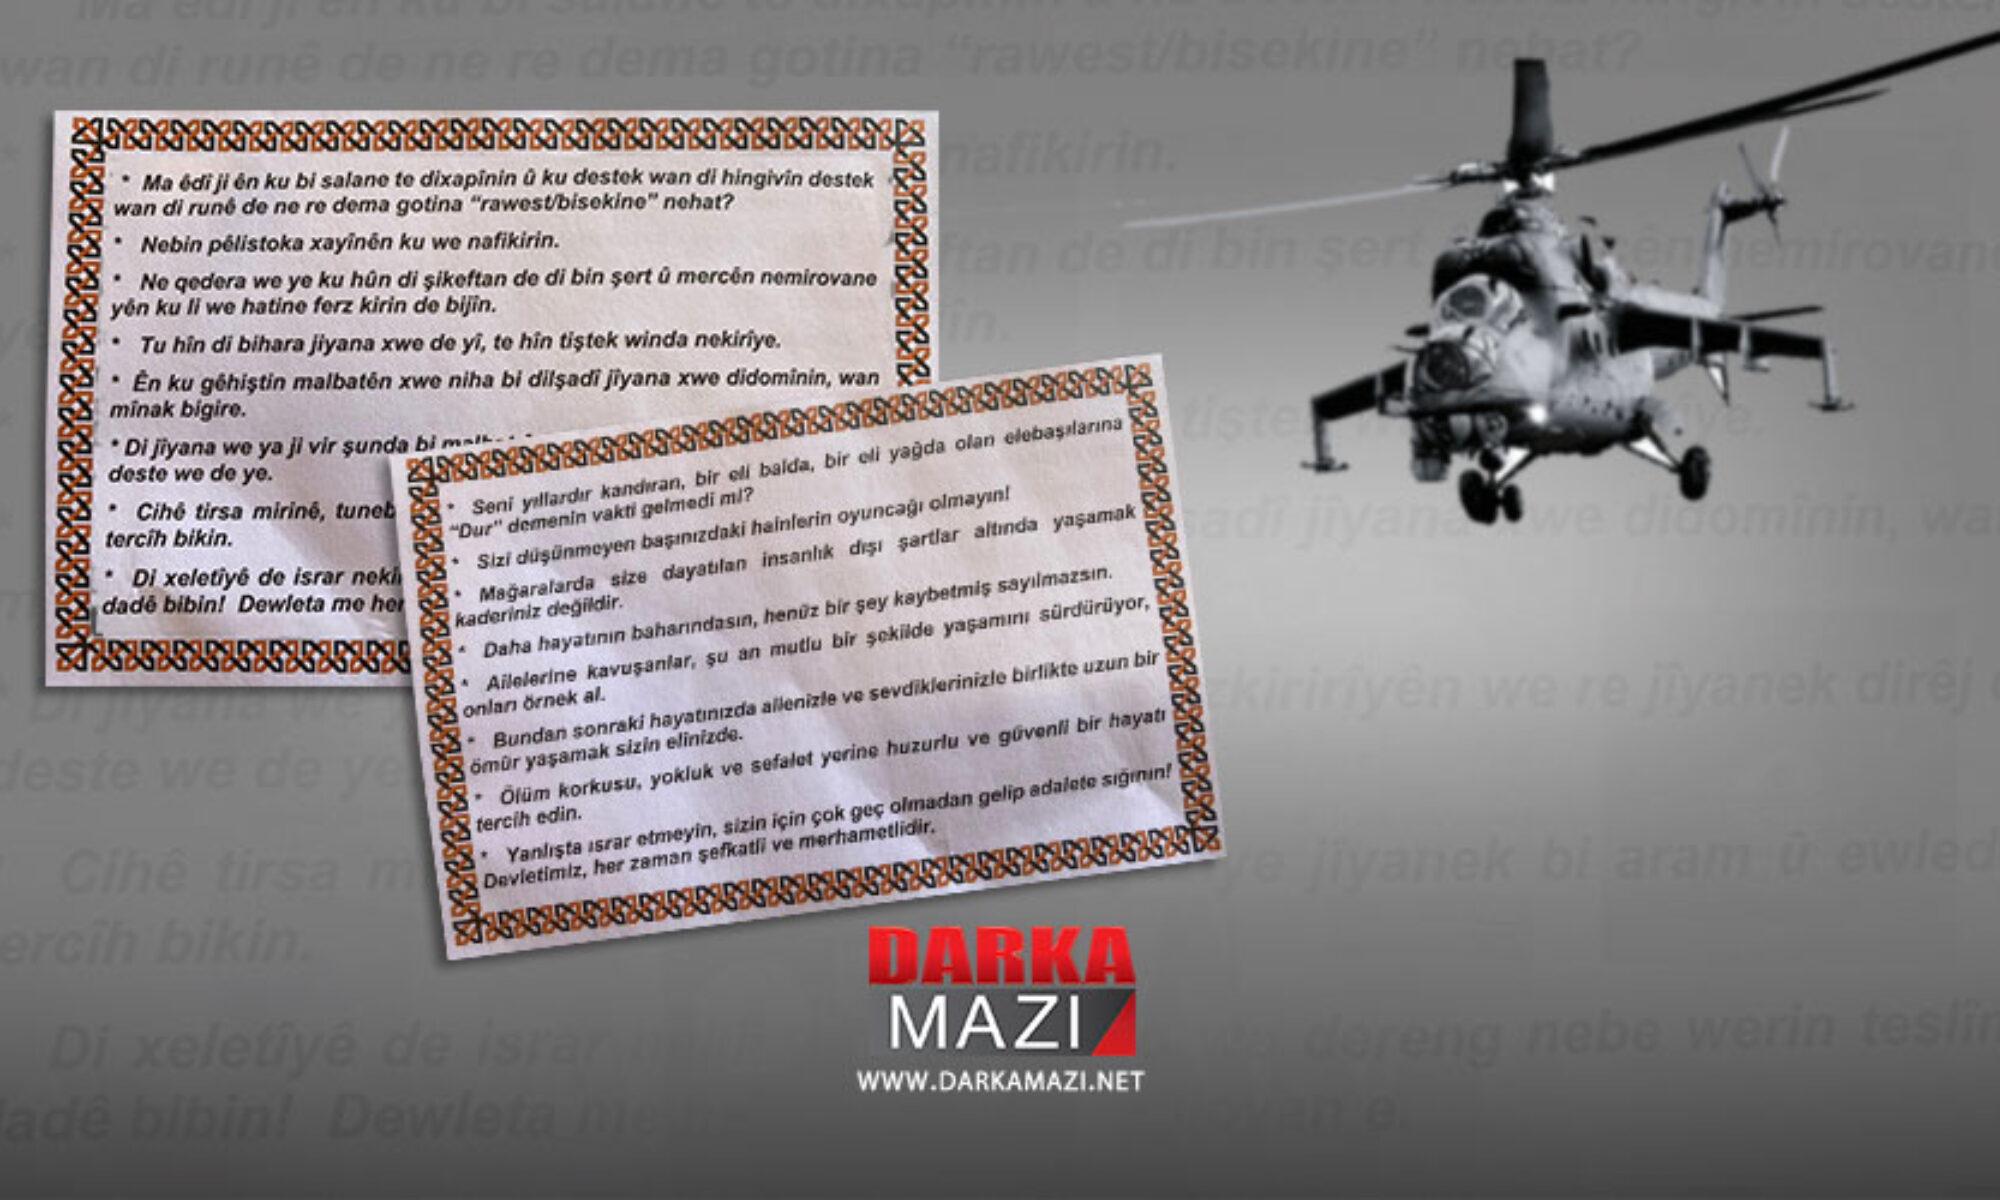 Devlet Kürtçe biliyormuş: Uçaklardan gerillaya teslim olun çağrısı yapan Kürtçe-Türkçe bildiriler atıldı